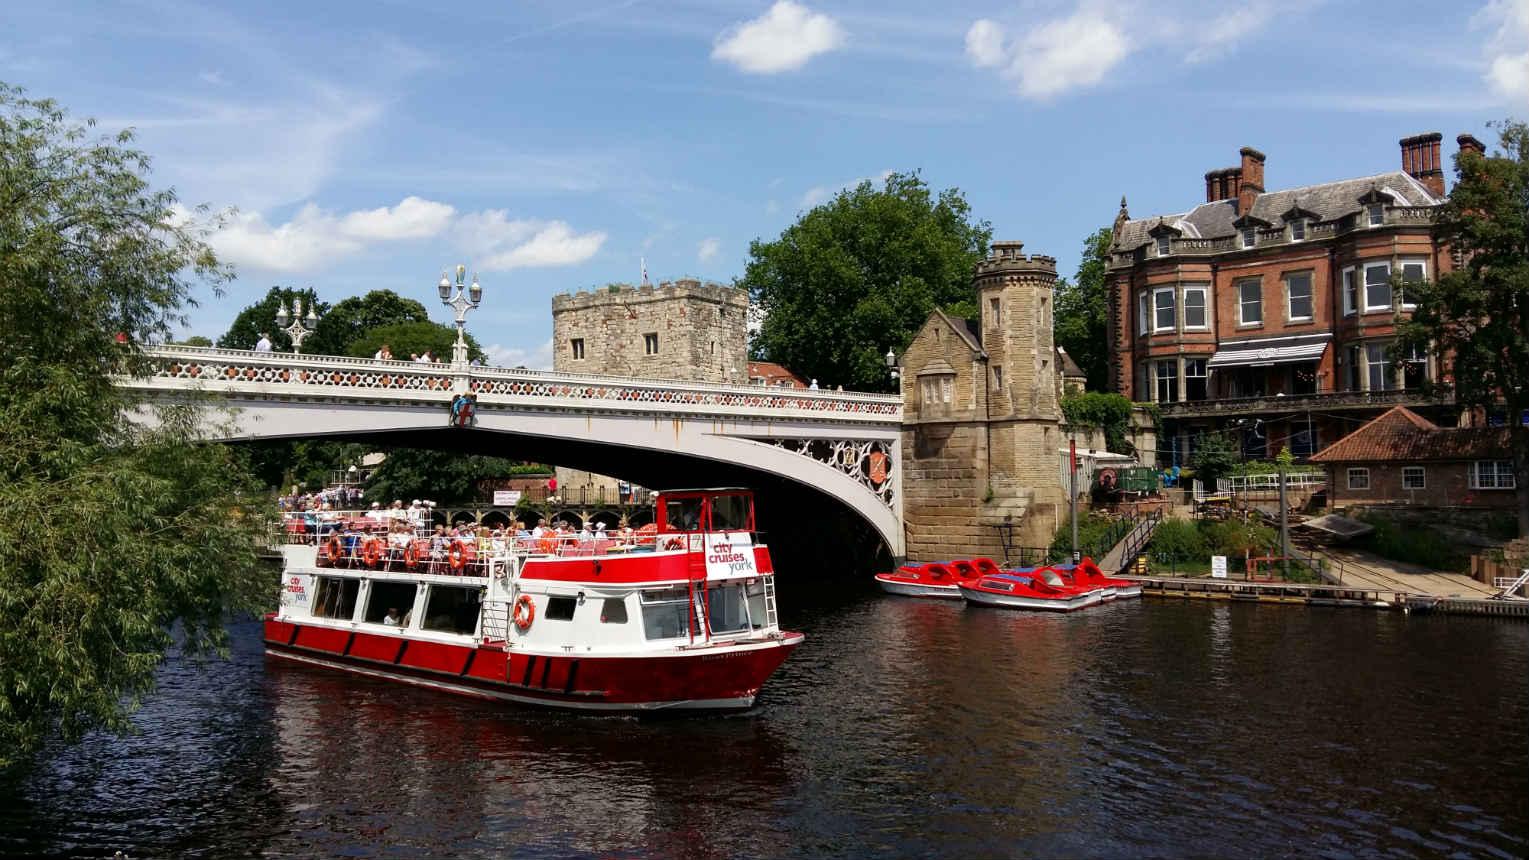 York – Lendal Bridge